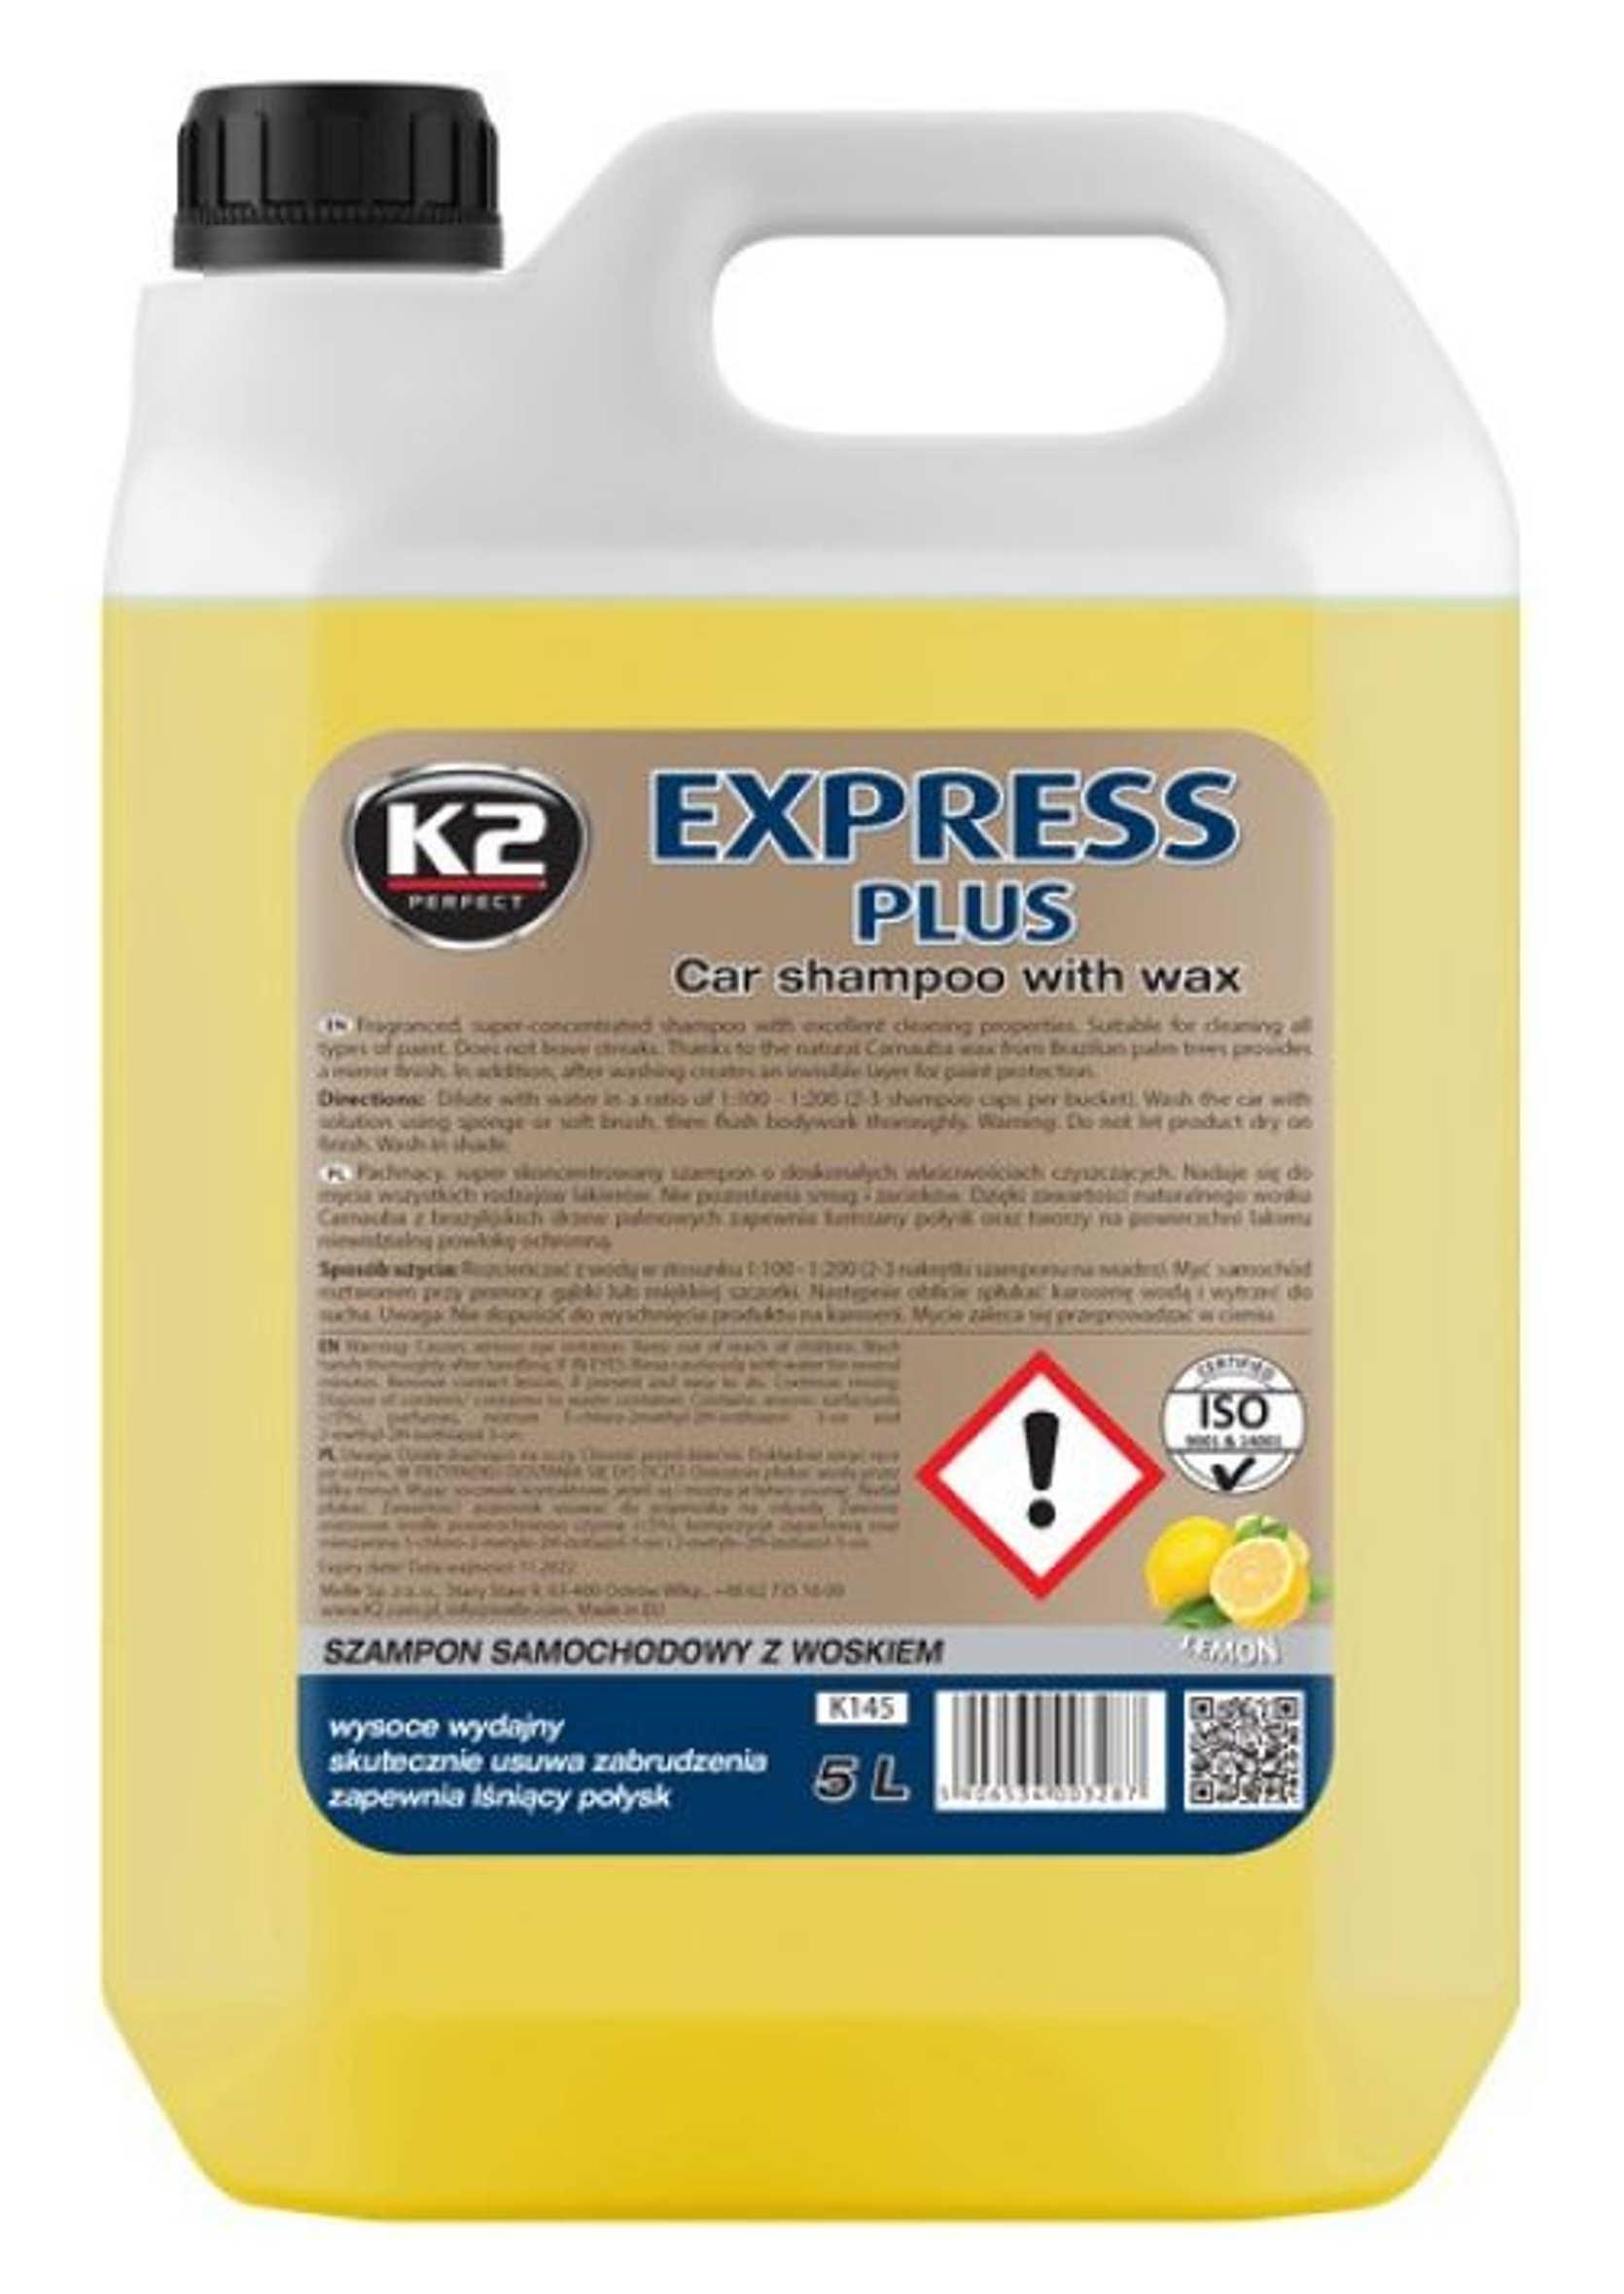 K2 Express Plus 5L Samochodowy szampon z woskiem Carnauba